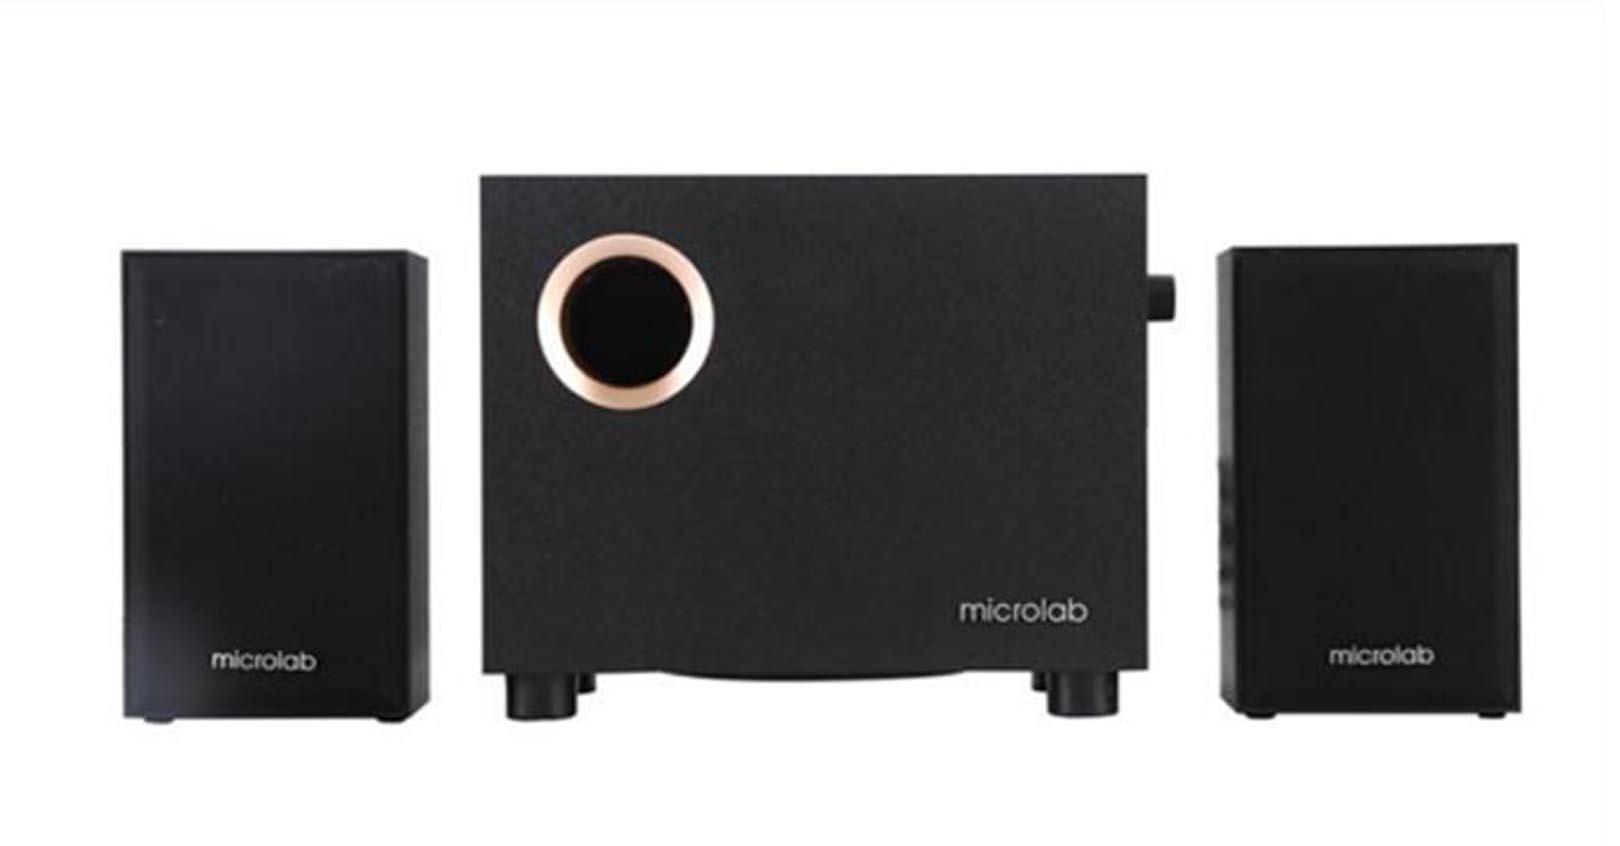 Bộ Loa máy tính Microlab M105/2.1 - Hàng Chính Hãng